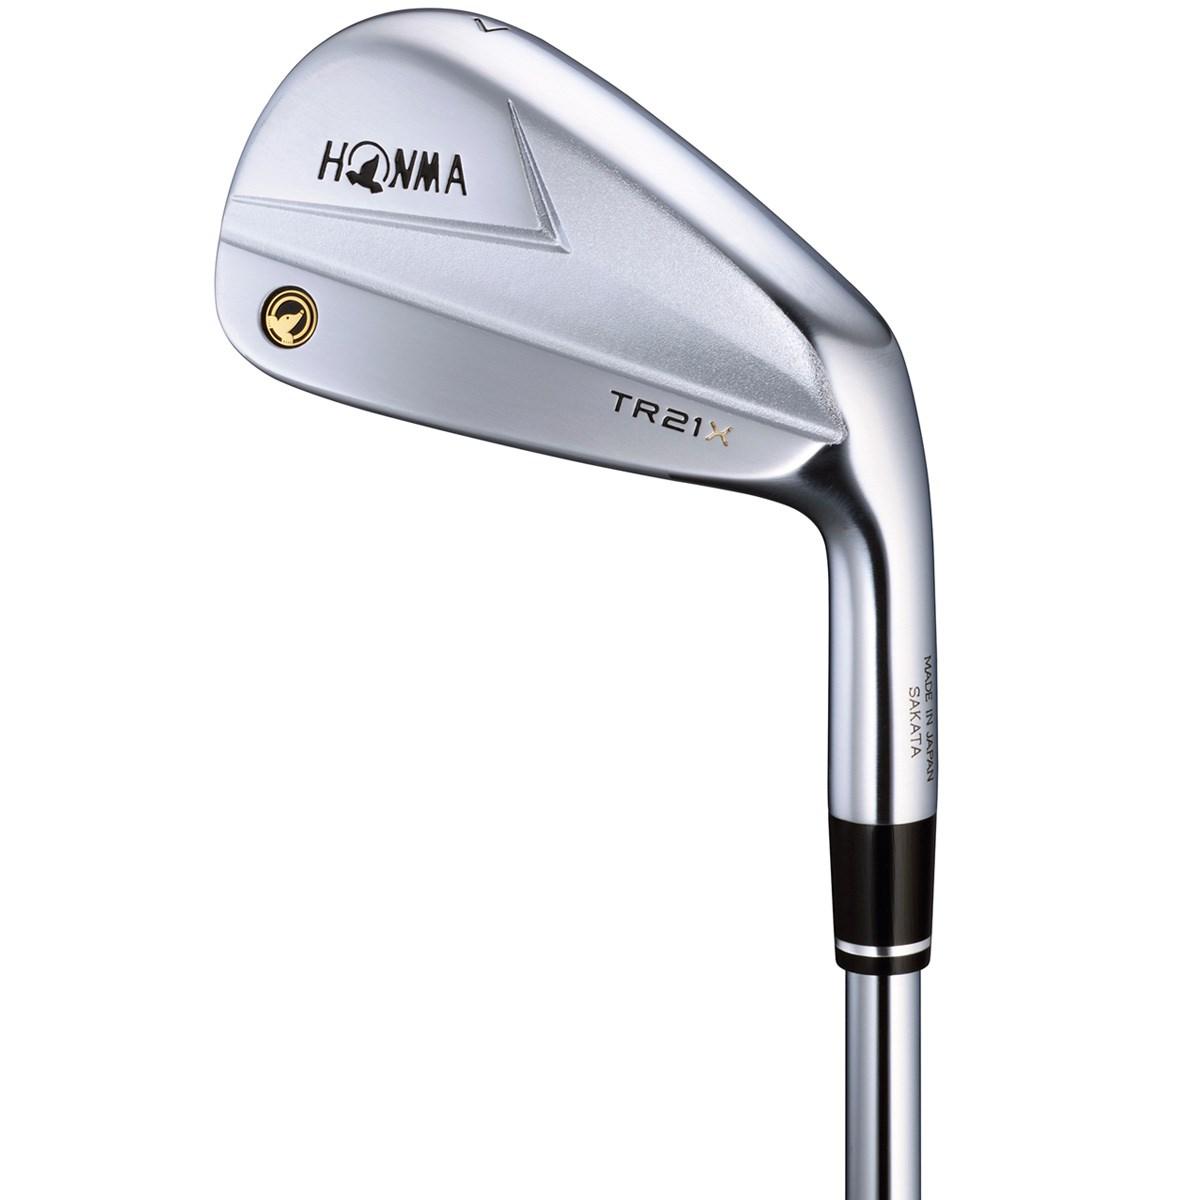 本間ゴルフ TOUR WORLD ツアーワールド TR21-X アイアン(5本セット) N.S.PRO 950GH neo シャフト:N.S.PRO 950GH neo S